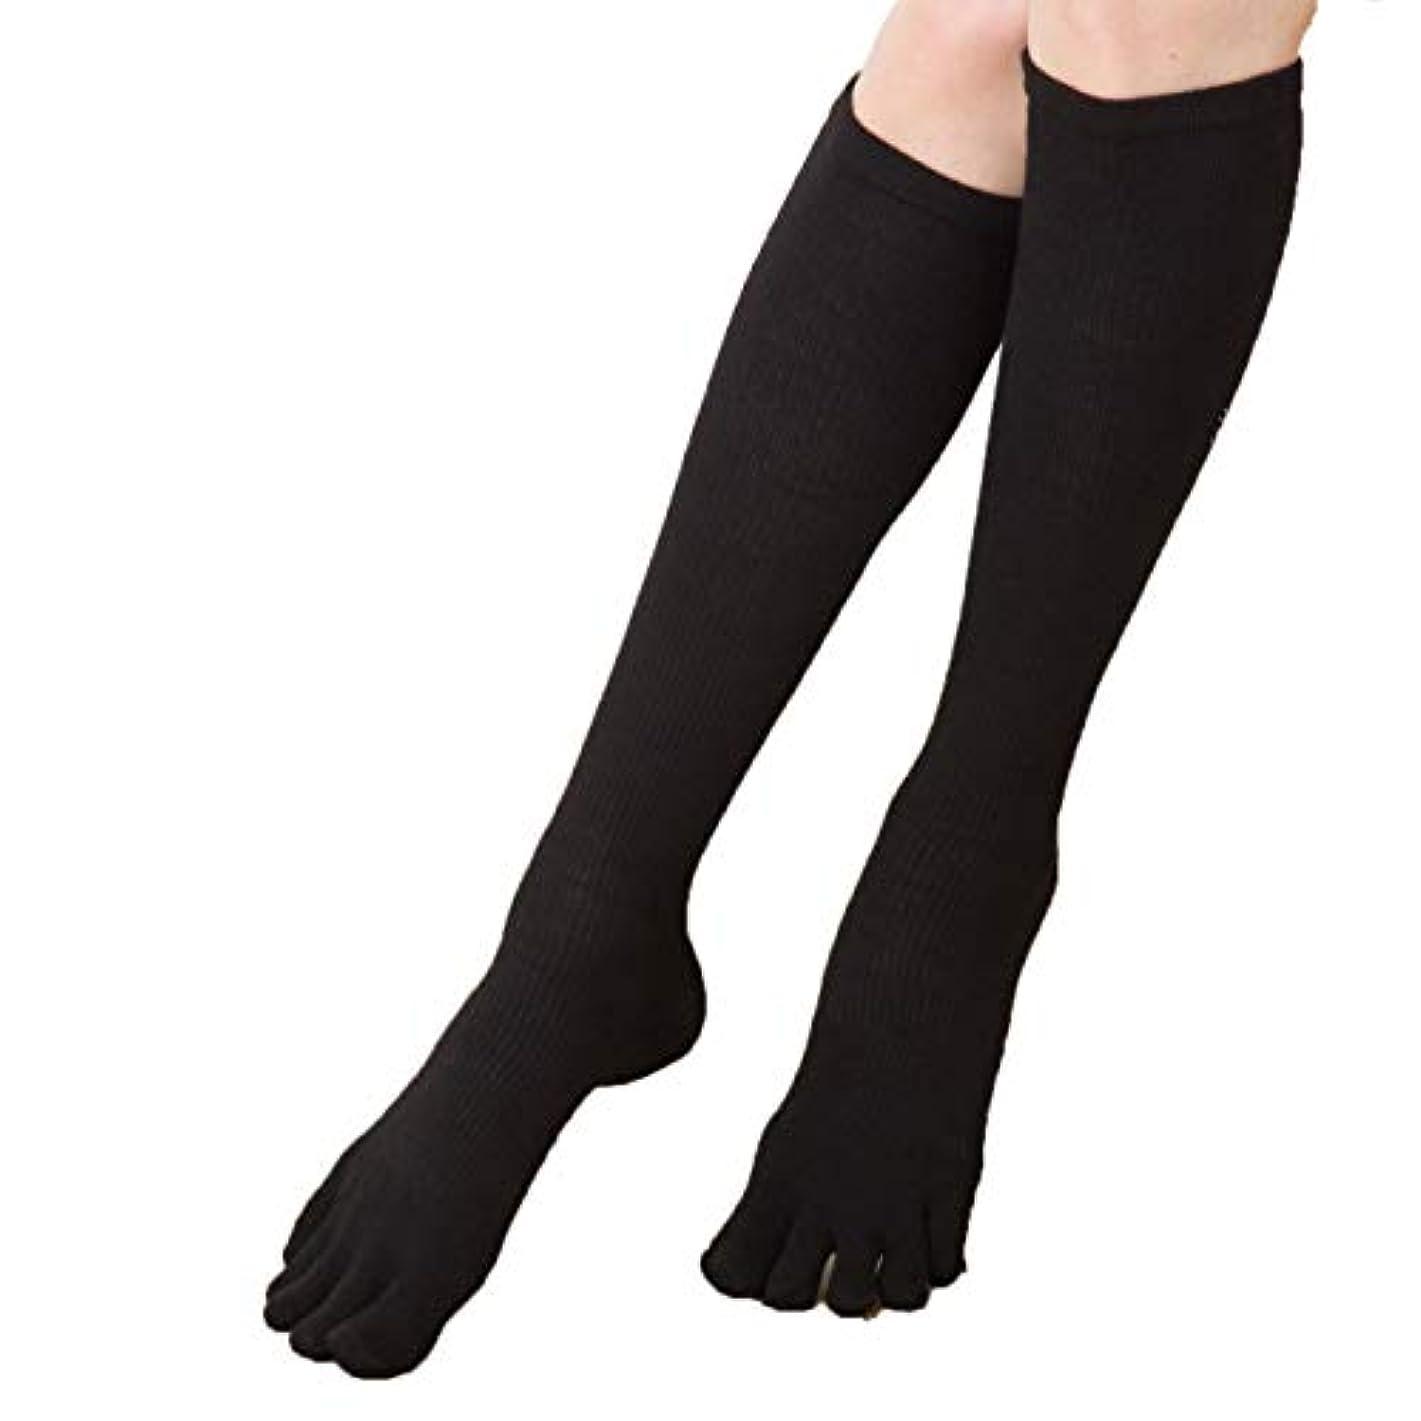 減衰メロディアス耕す着圧 5本指 ハイソックス (引き締め機能で足スッキリ) 靴下 レディース